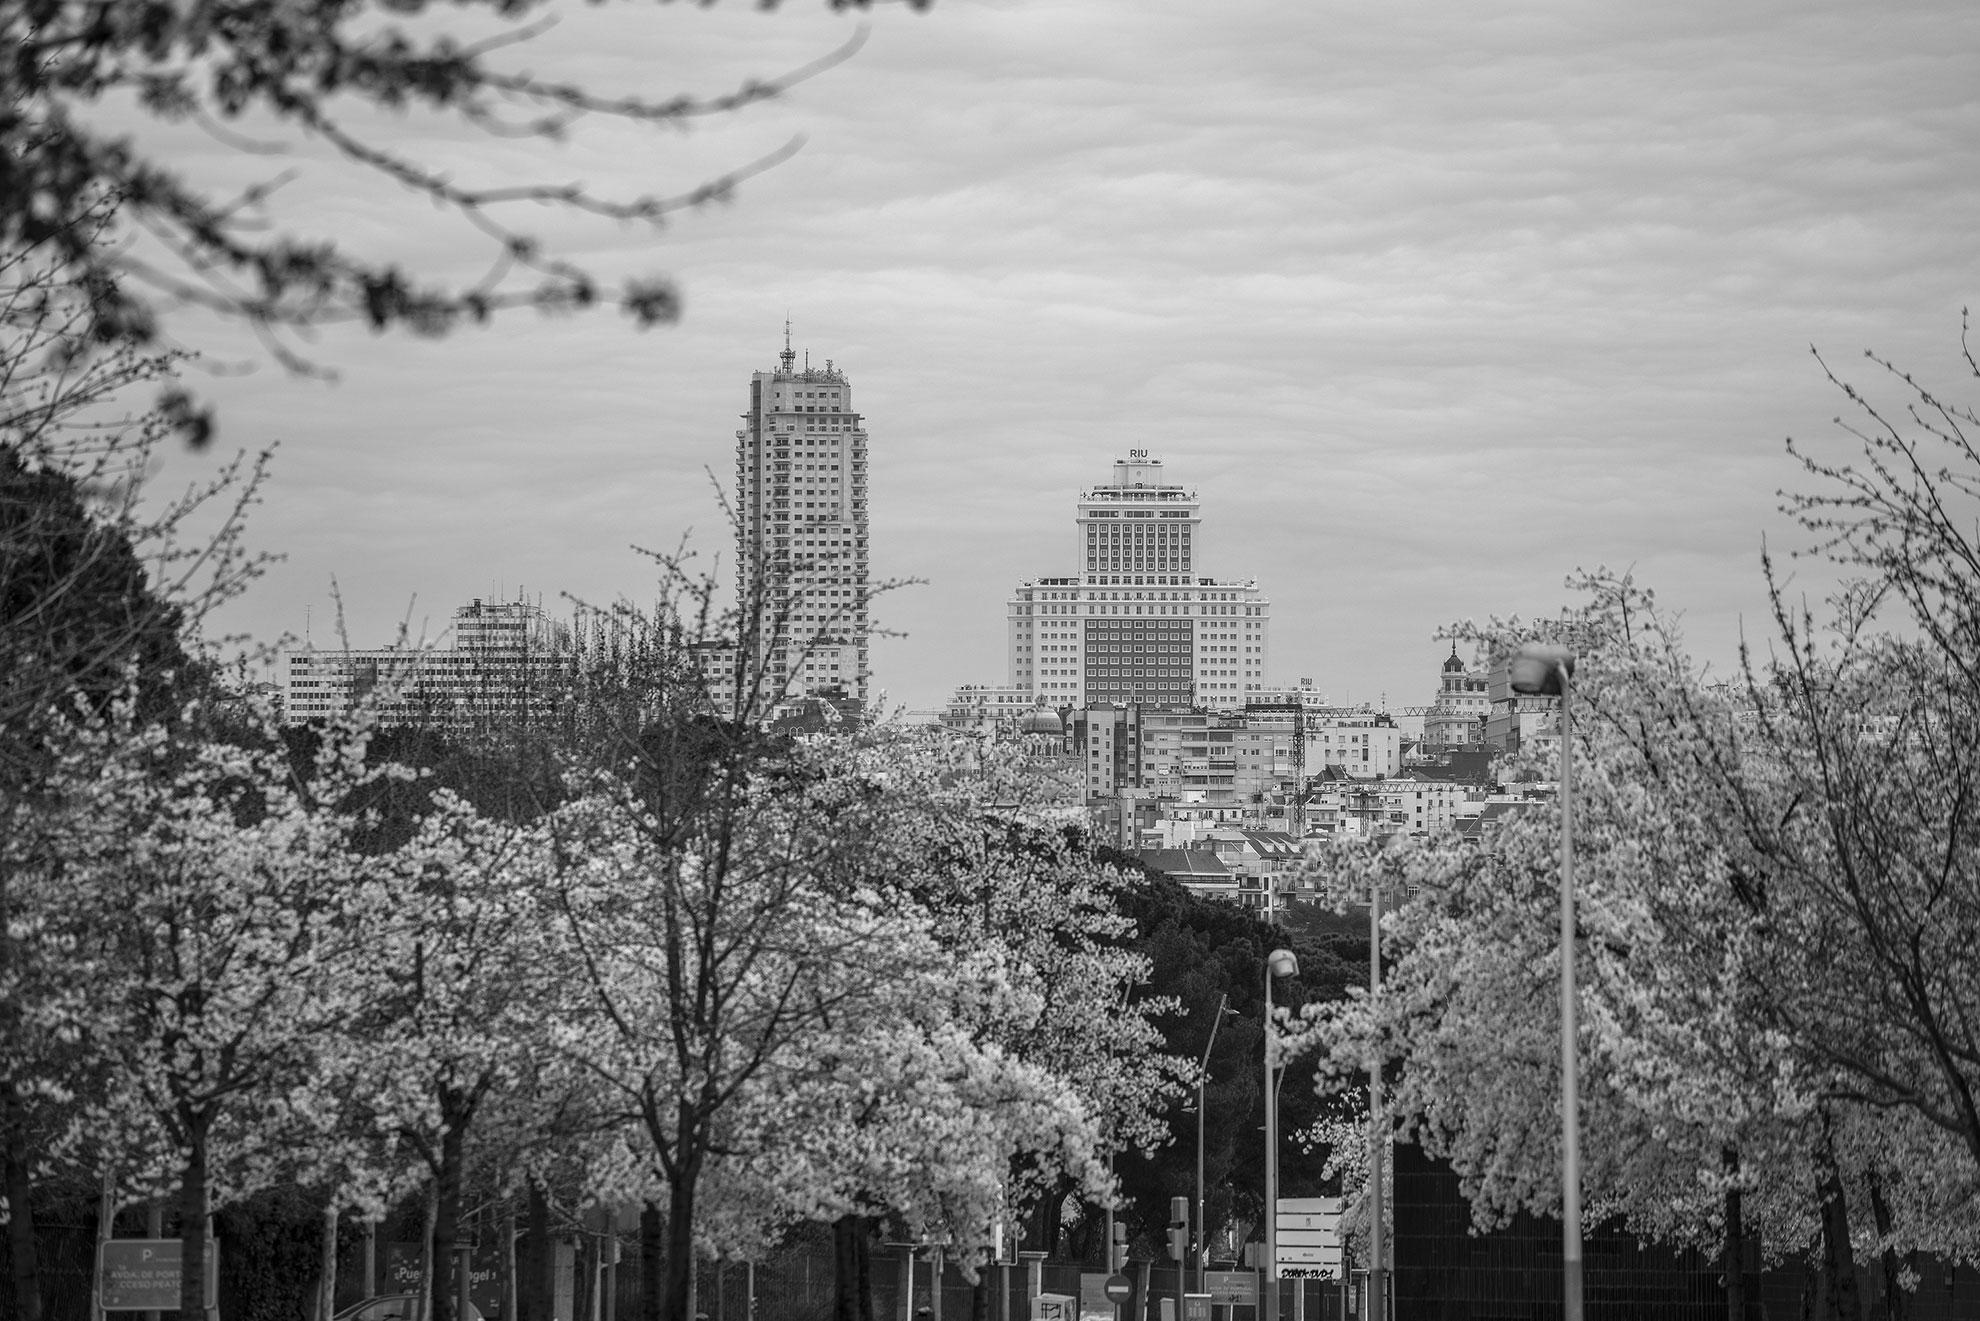 Los árboles en flor, radiantes con la ciudad en el horizonte. Calma en la calle. Paciencia en las casas. Estas vistas me regaló Madrid en el camino de vuelta a casa cuando salimos del médico, justo el día que llegó la primavera.